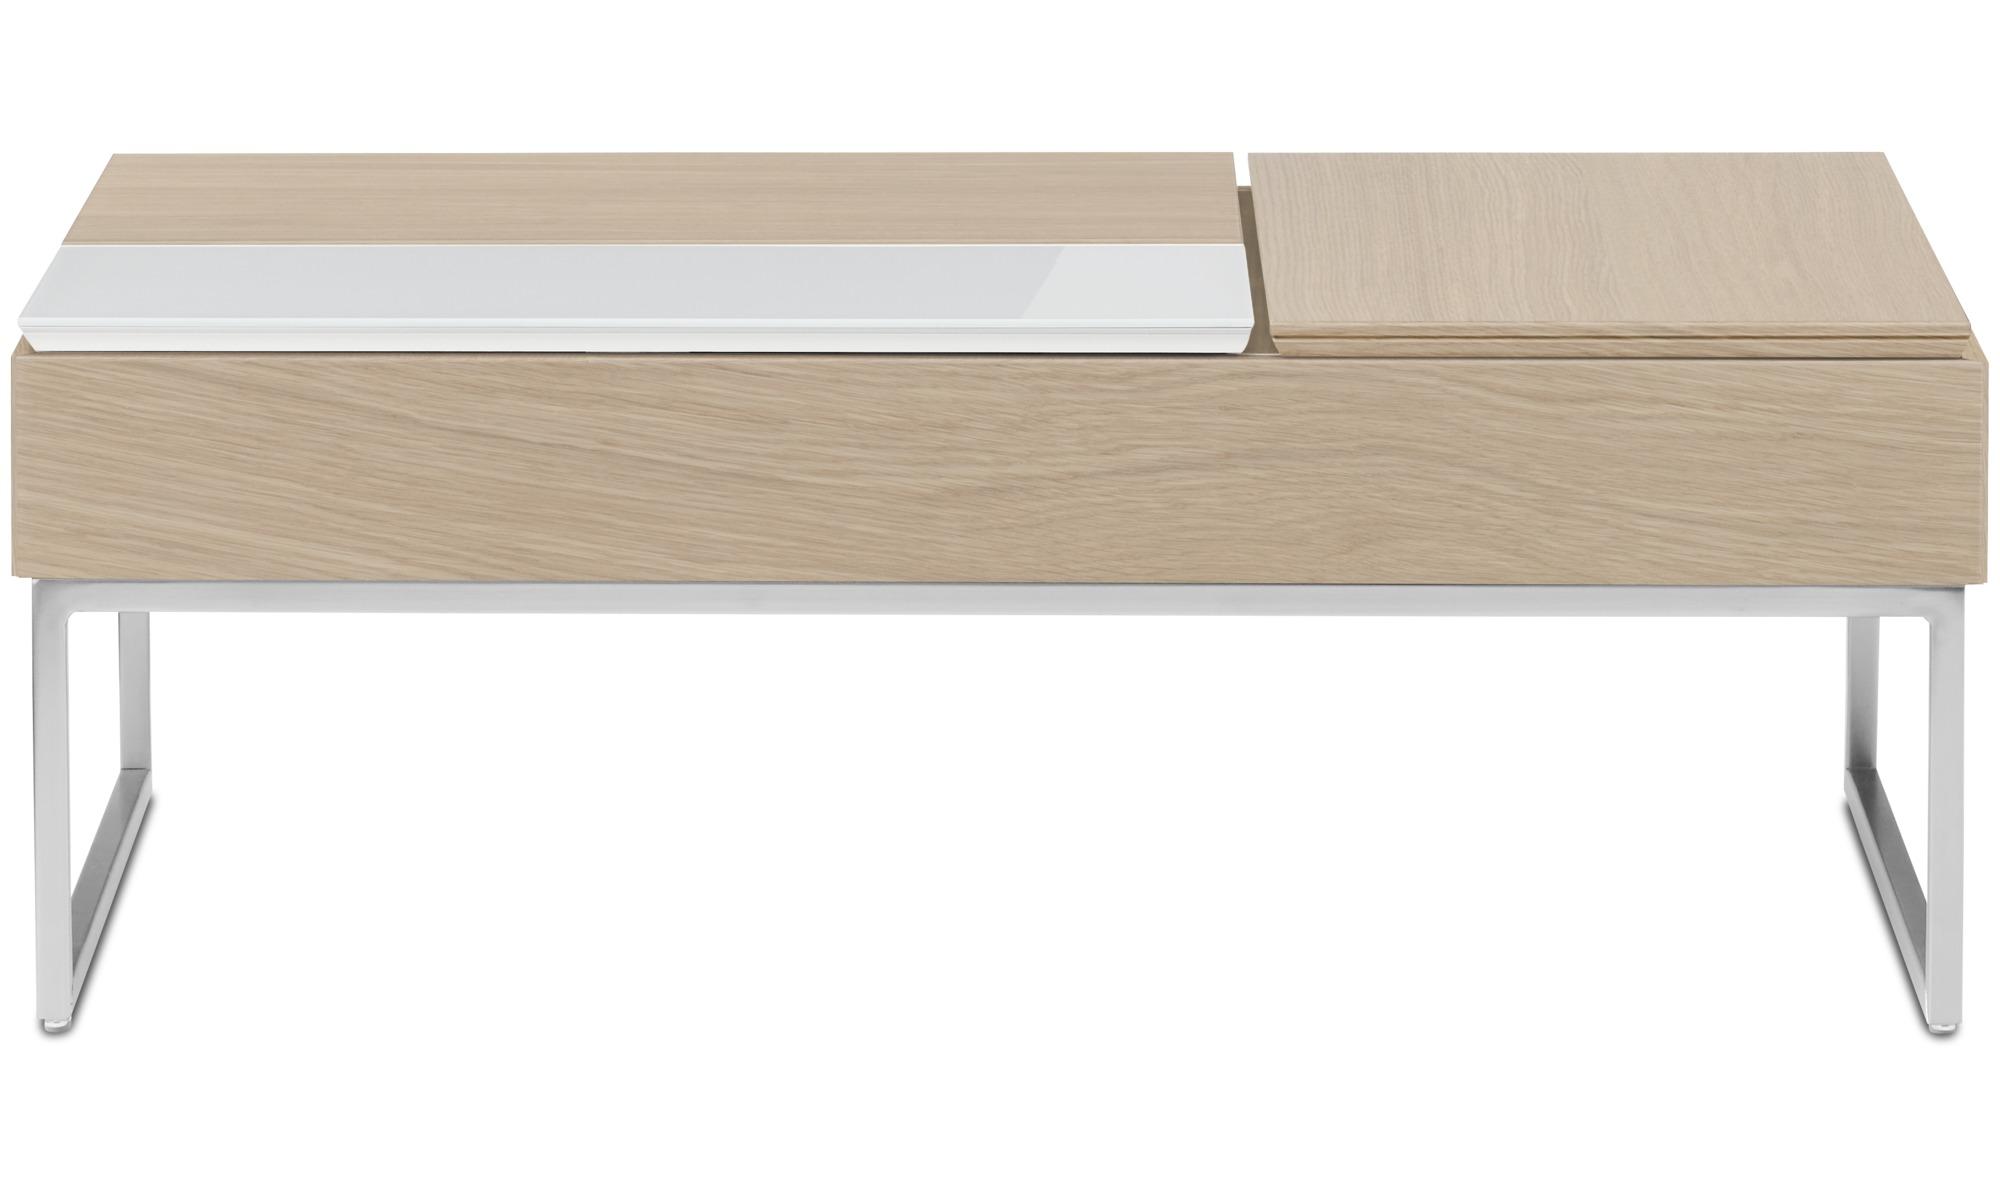 Tables basses - Table basse multifonction Chiva avec espace de rangement - rectangulaire - Marron - Chêne